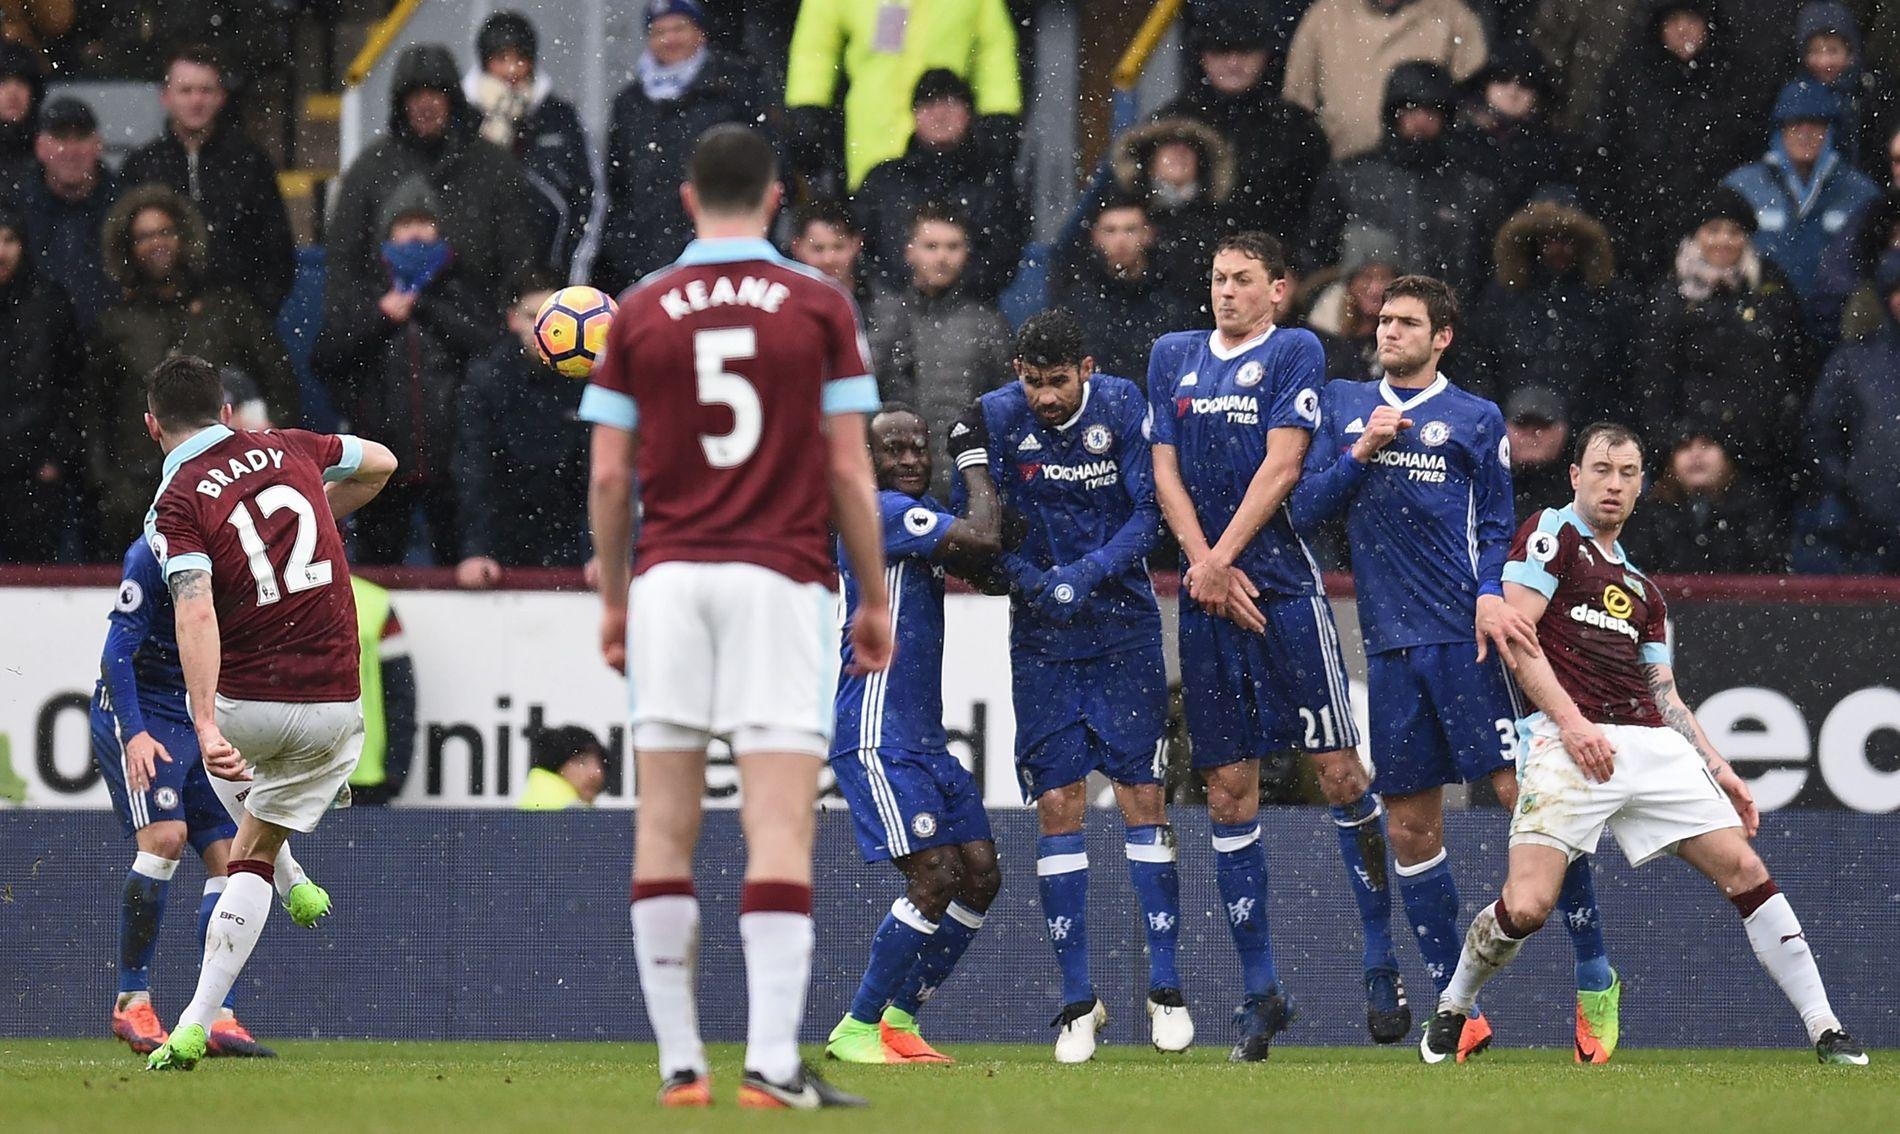 KAMPENS PRESTASJON: Her stikker Robbie Brady (nummer 12) kjepper i hjulene for Chelsea.